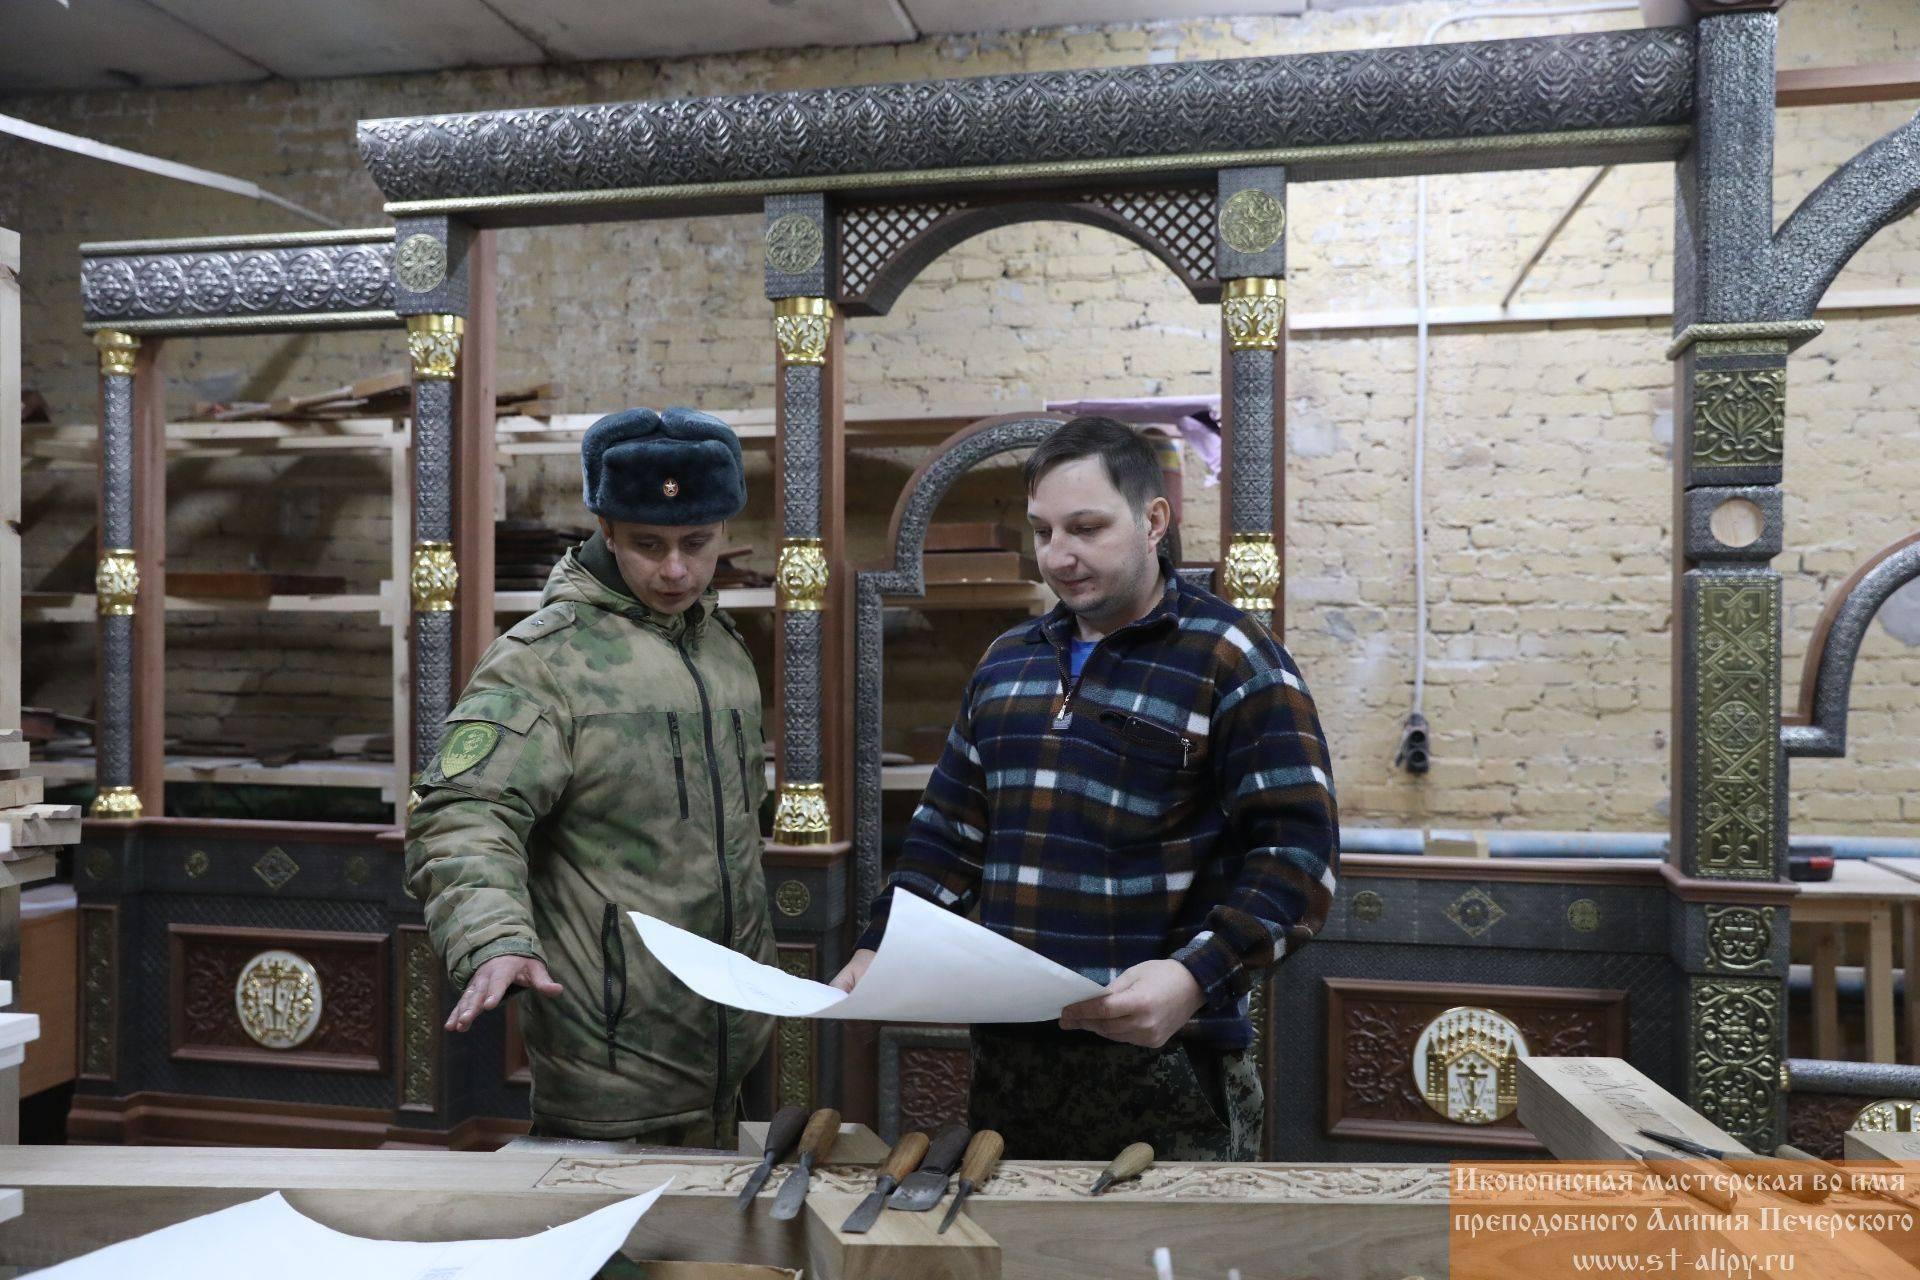 Процесс производства главного храма войск национальной гвардии Российской Федерации